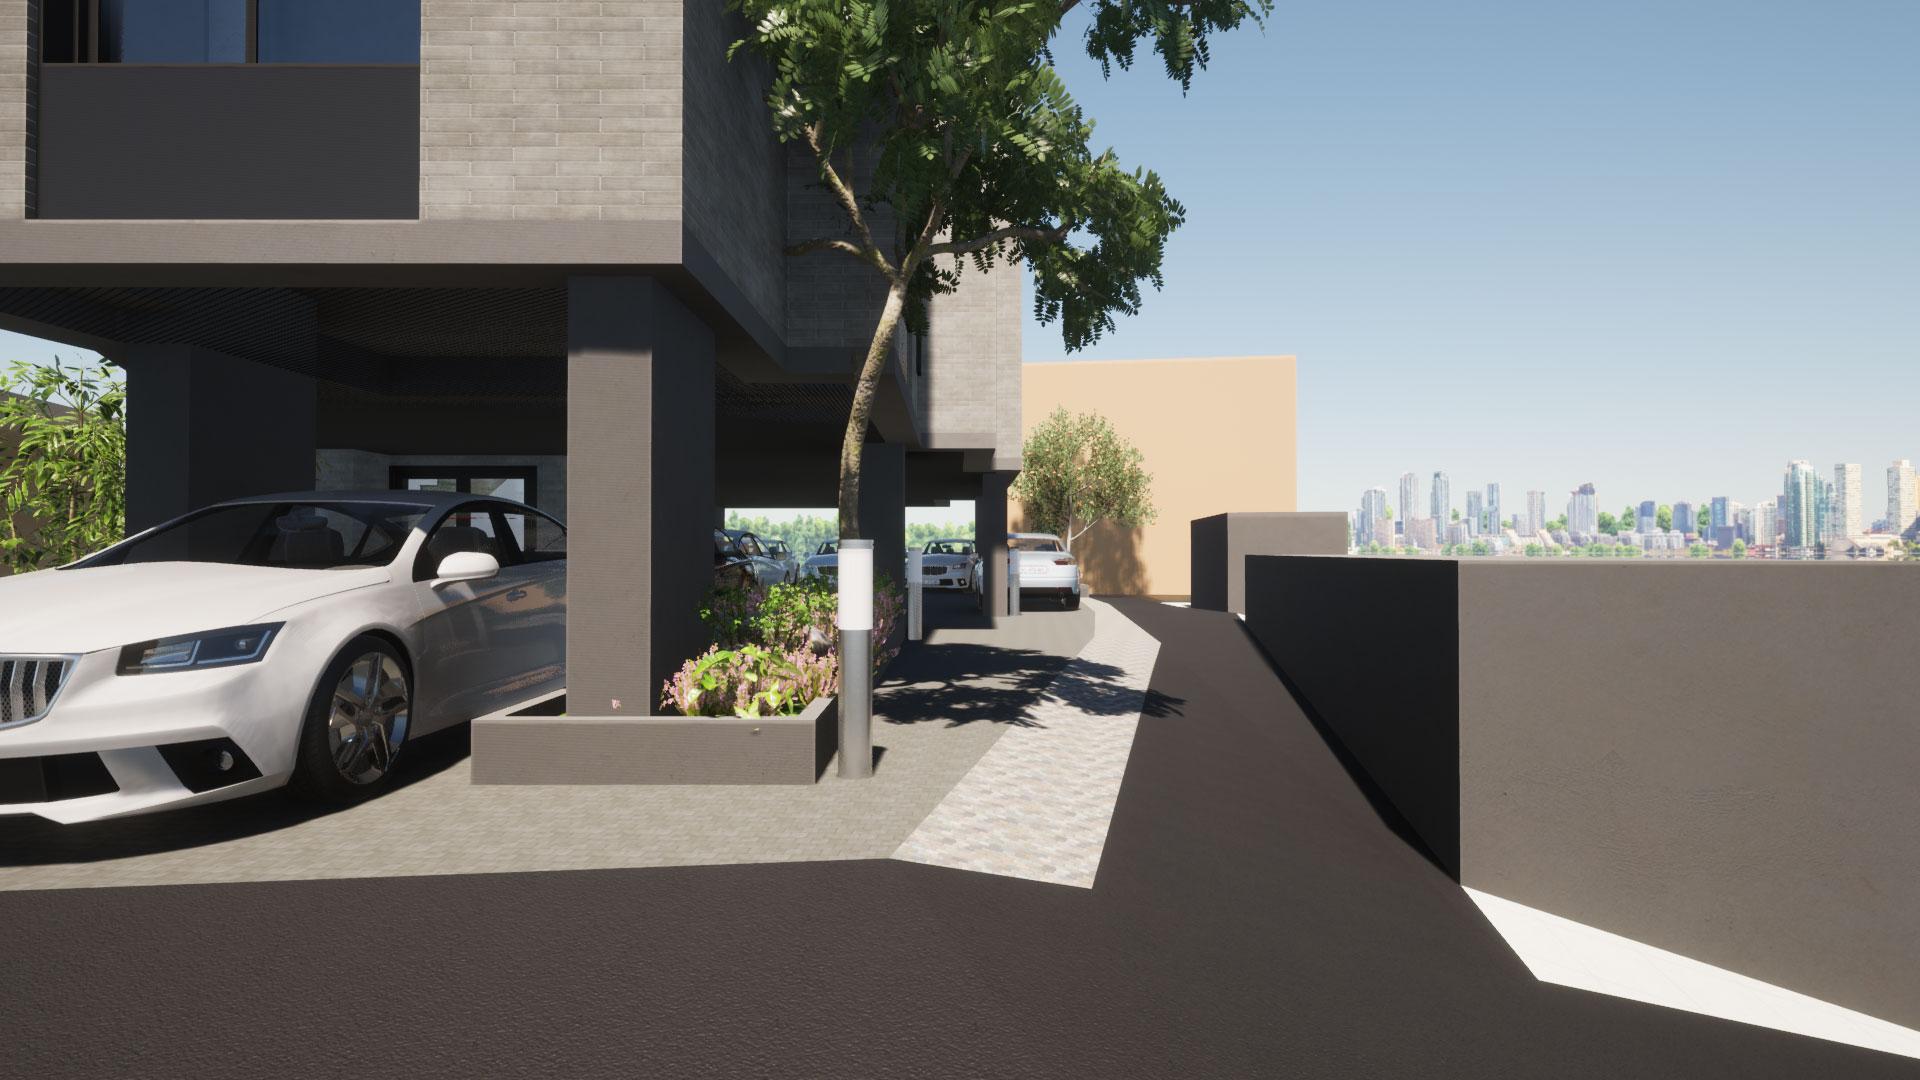 검은색 아스팔트와 우리땅 사이의 밝은 부분이 제척면적, 뒤로 보이는 베이지색 건물이 우리땅을 침범함